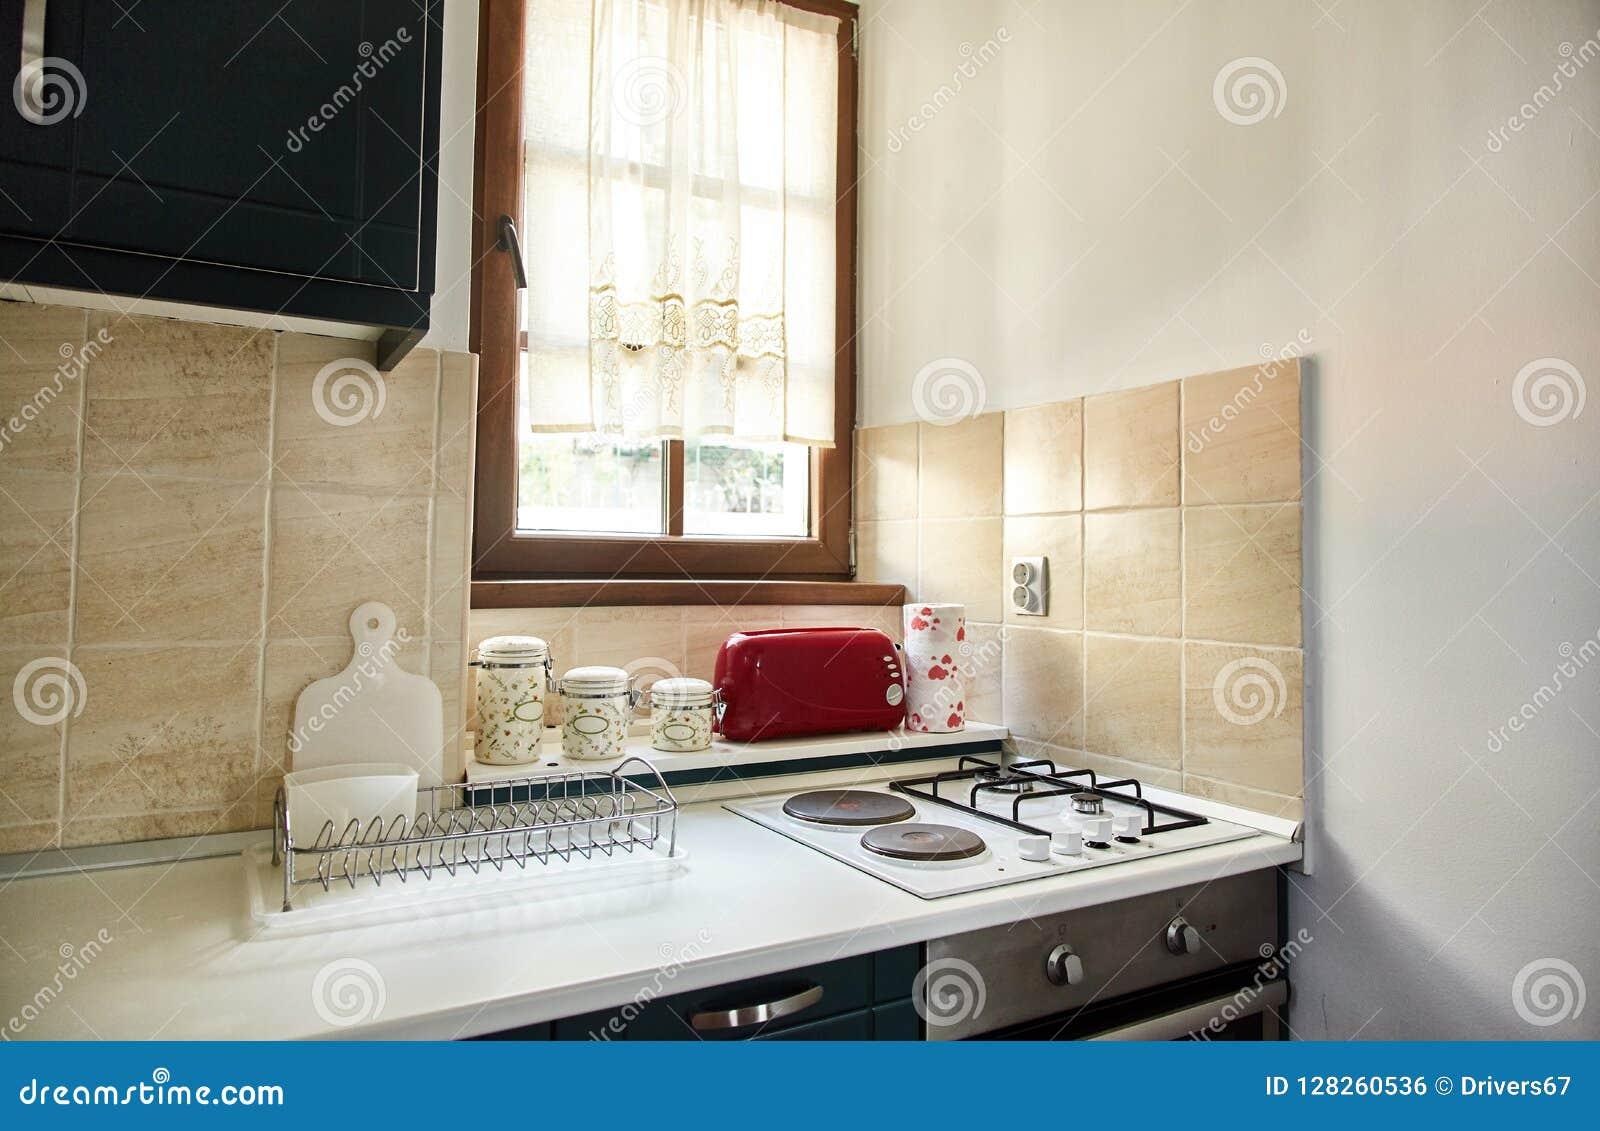 Die Küche In Der Wohnung Gasherd, Toaster, Würzgläser Stockfoto ...